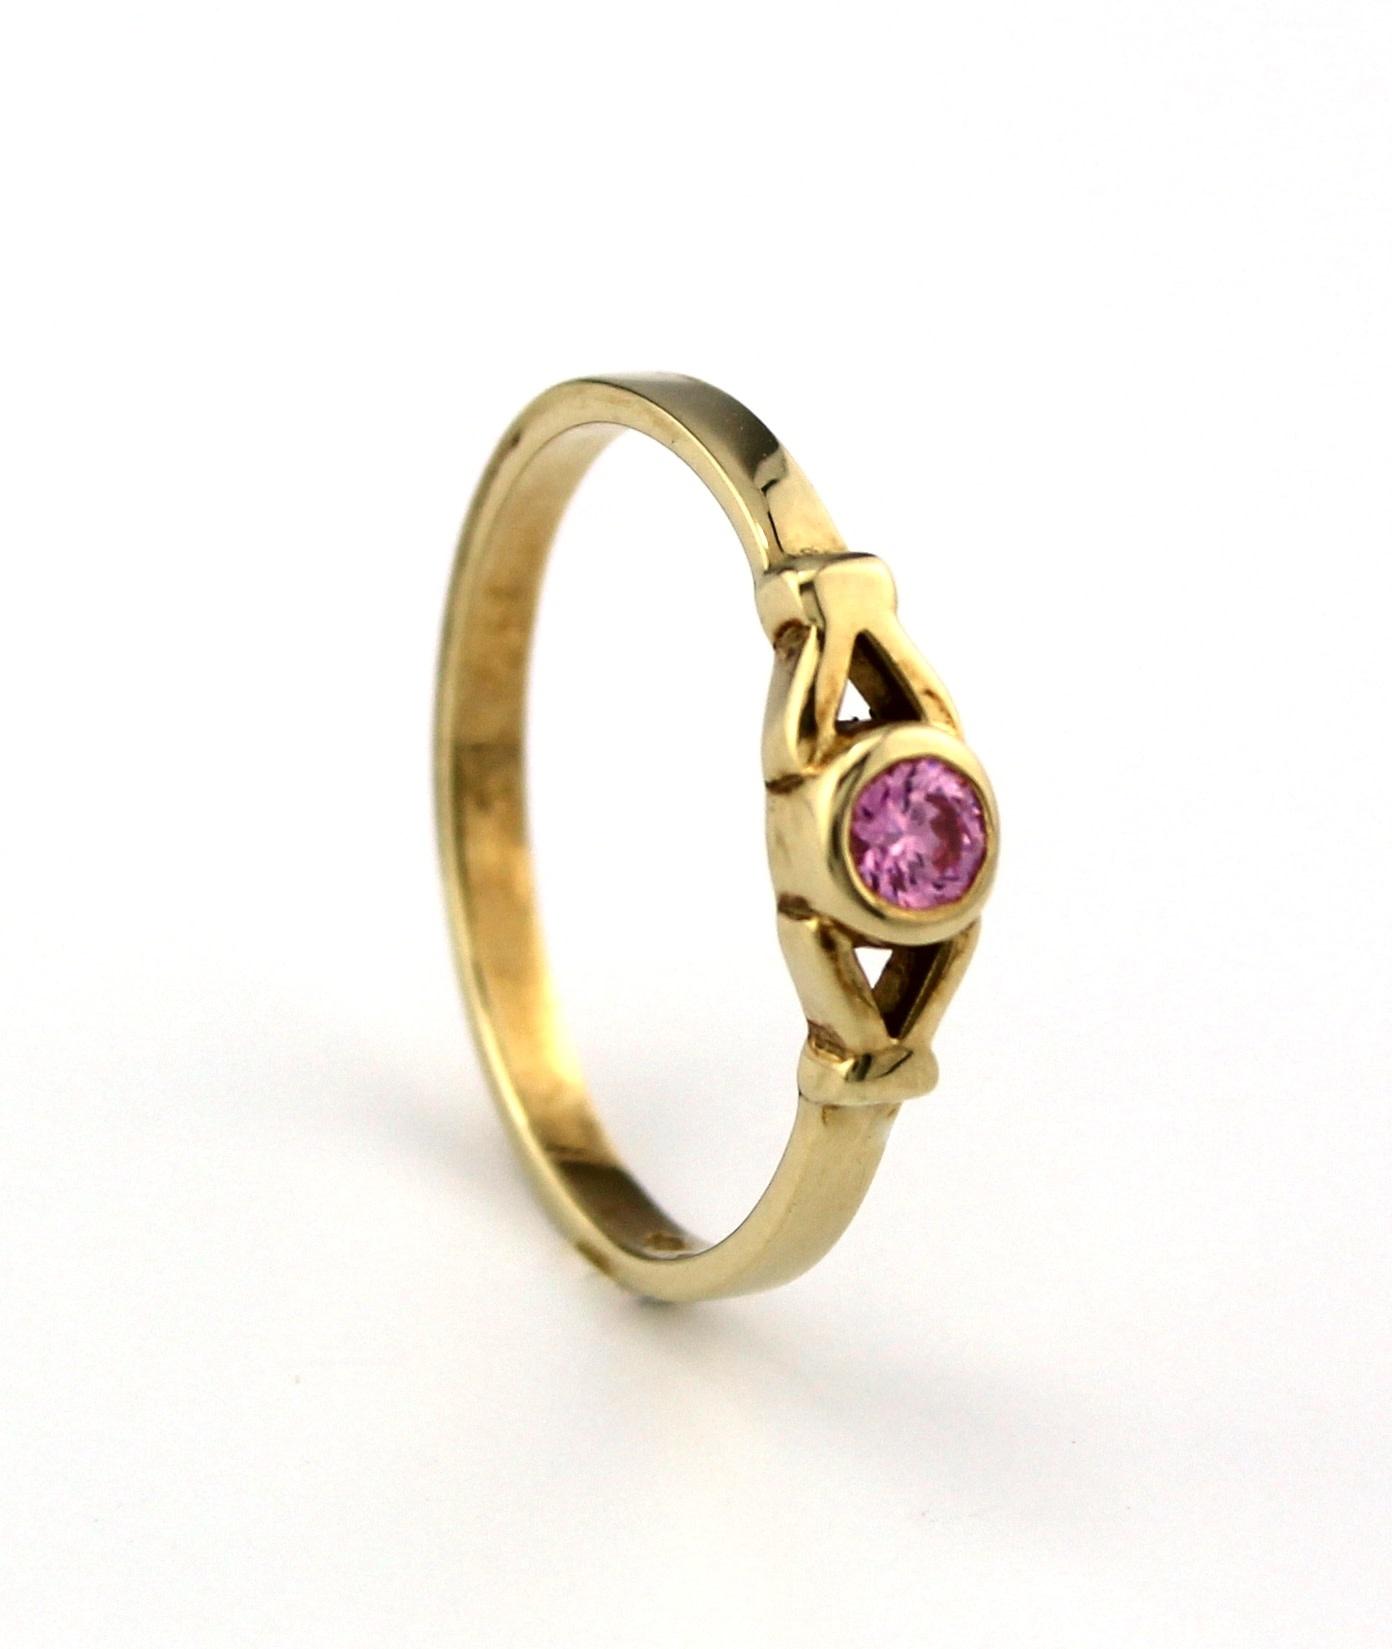 Tomylo 14 kt geelgouden kinderring met roze steen